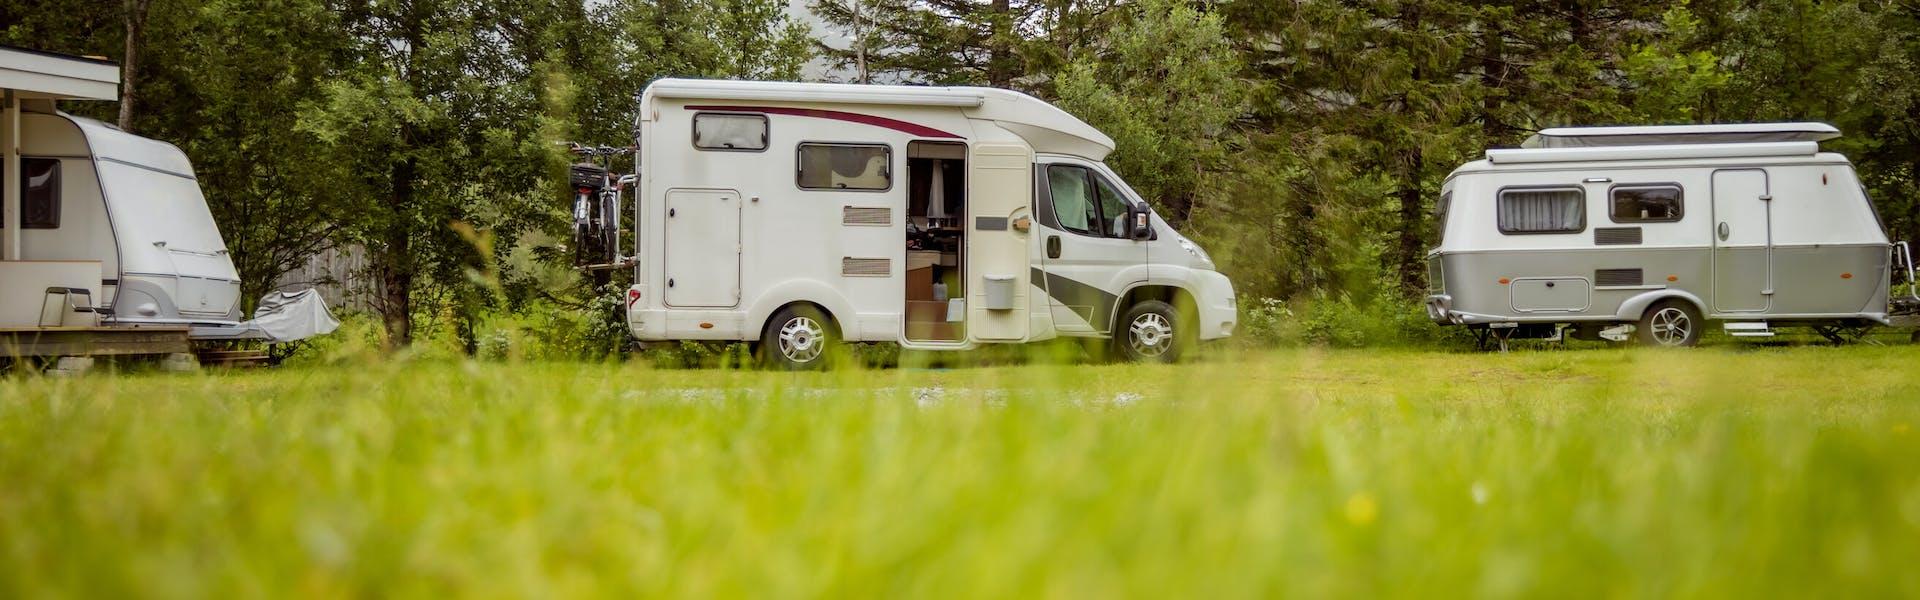 Online bokningssystem för campingplatser